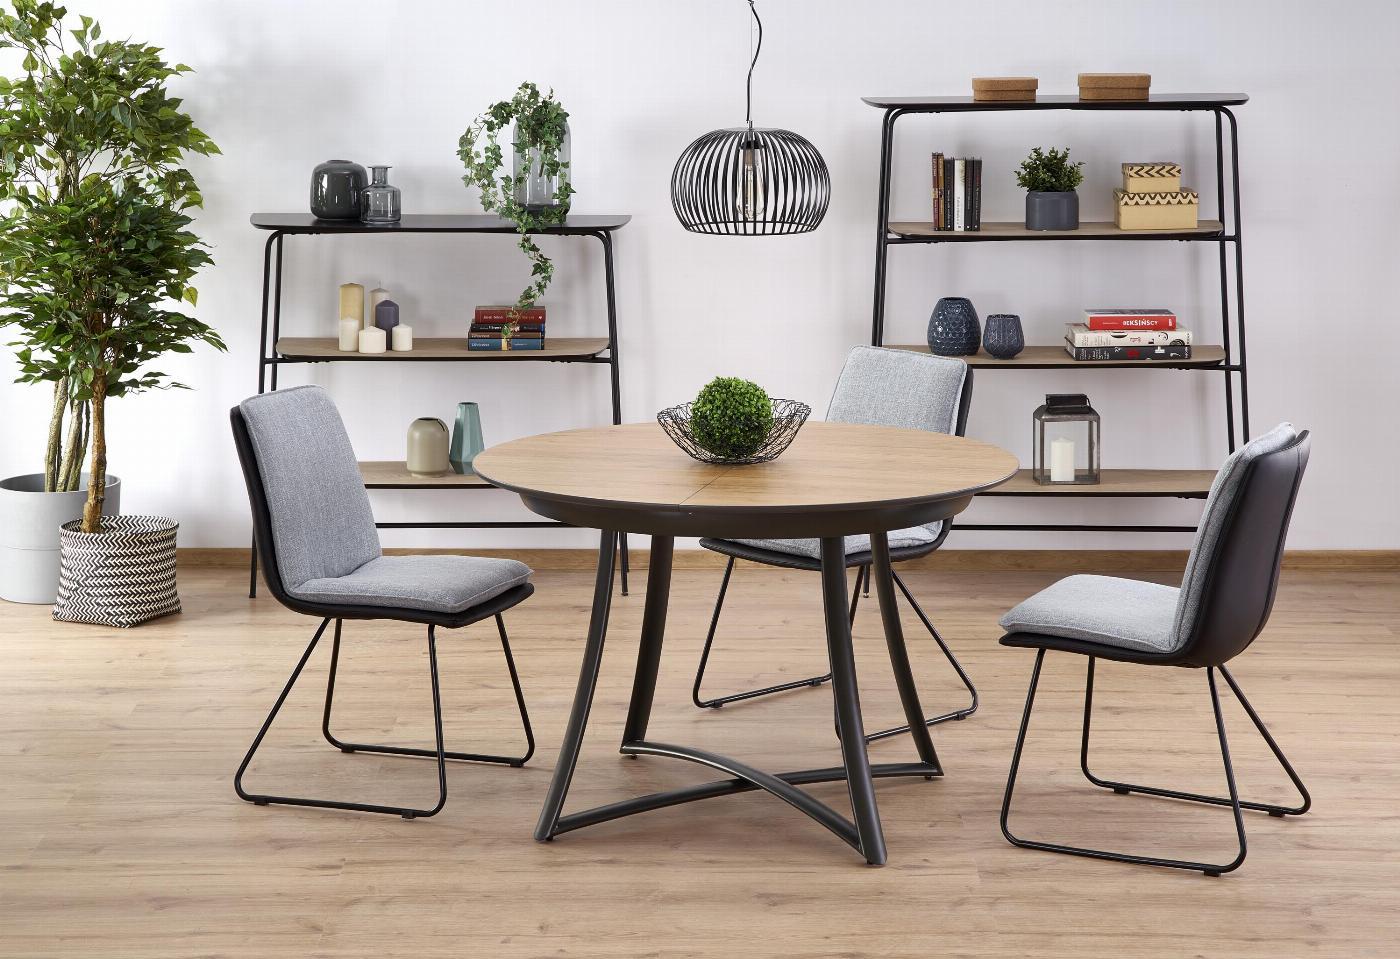 MORETTI stół rozkładany blat - dąb złoty / popielaty, nogi - antracyt (2p=1szt)